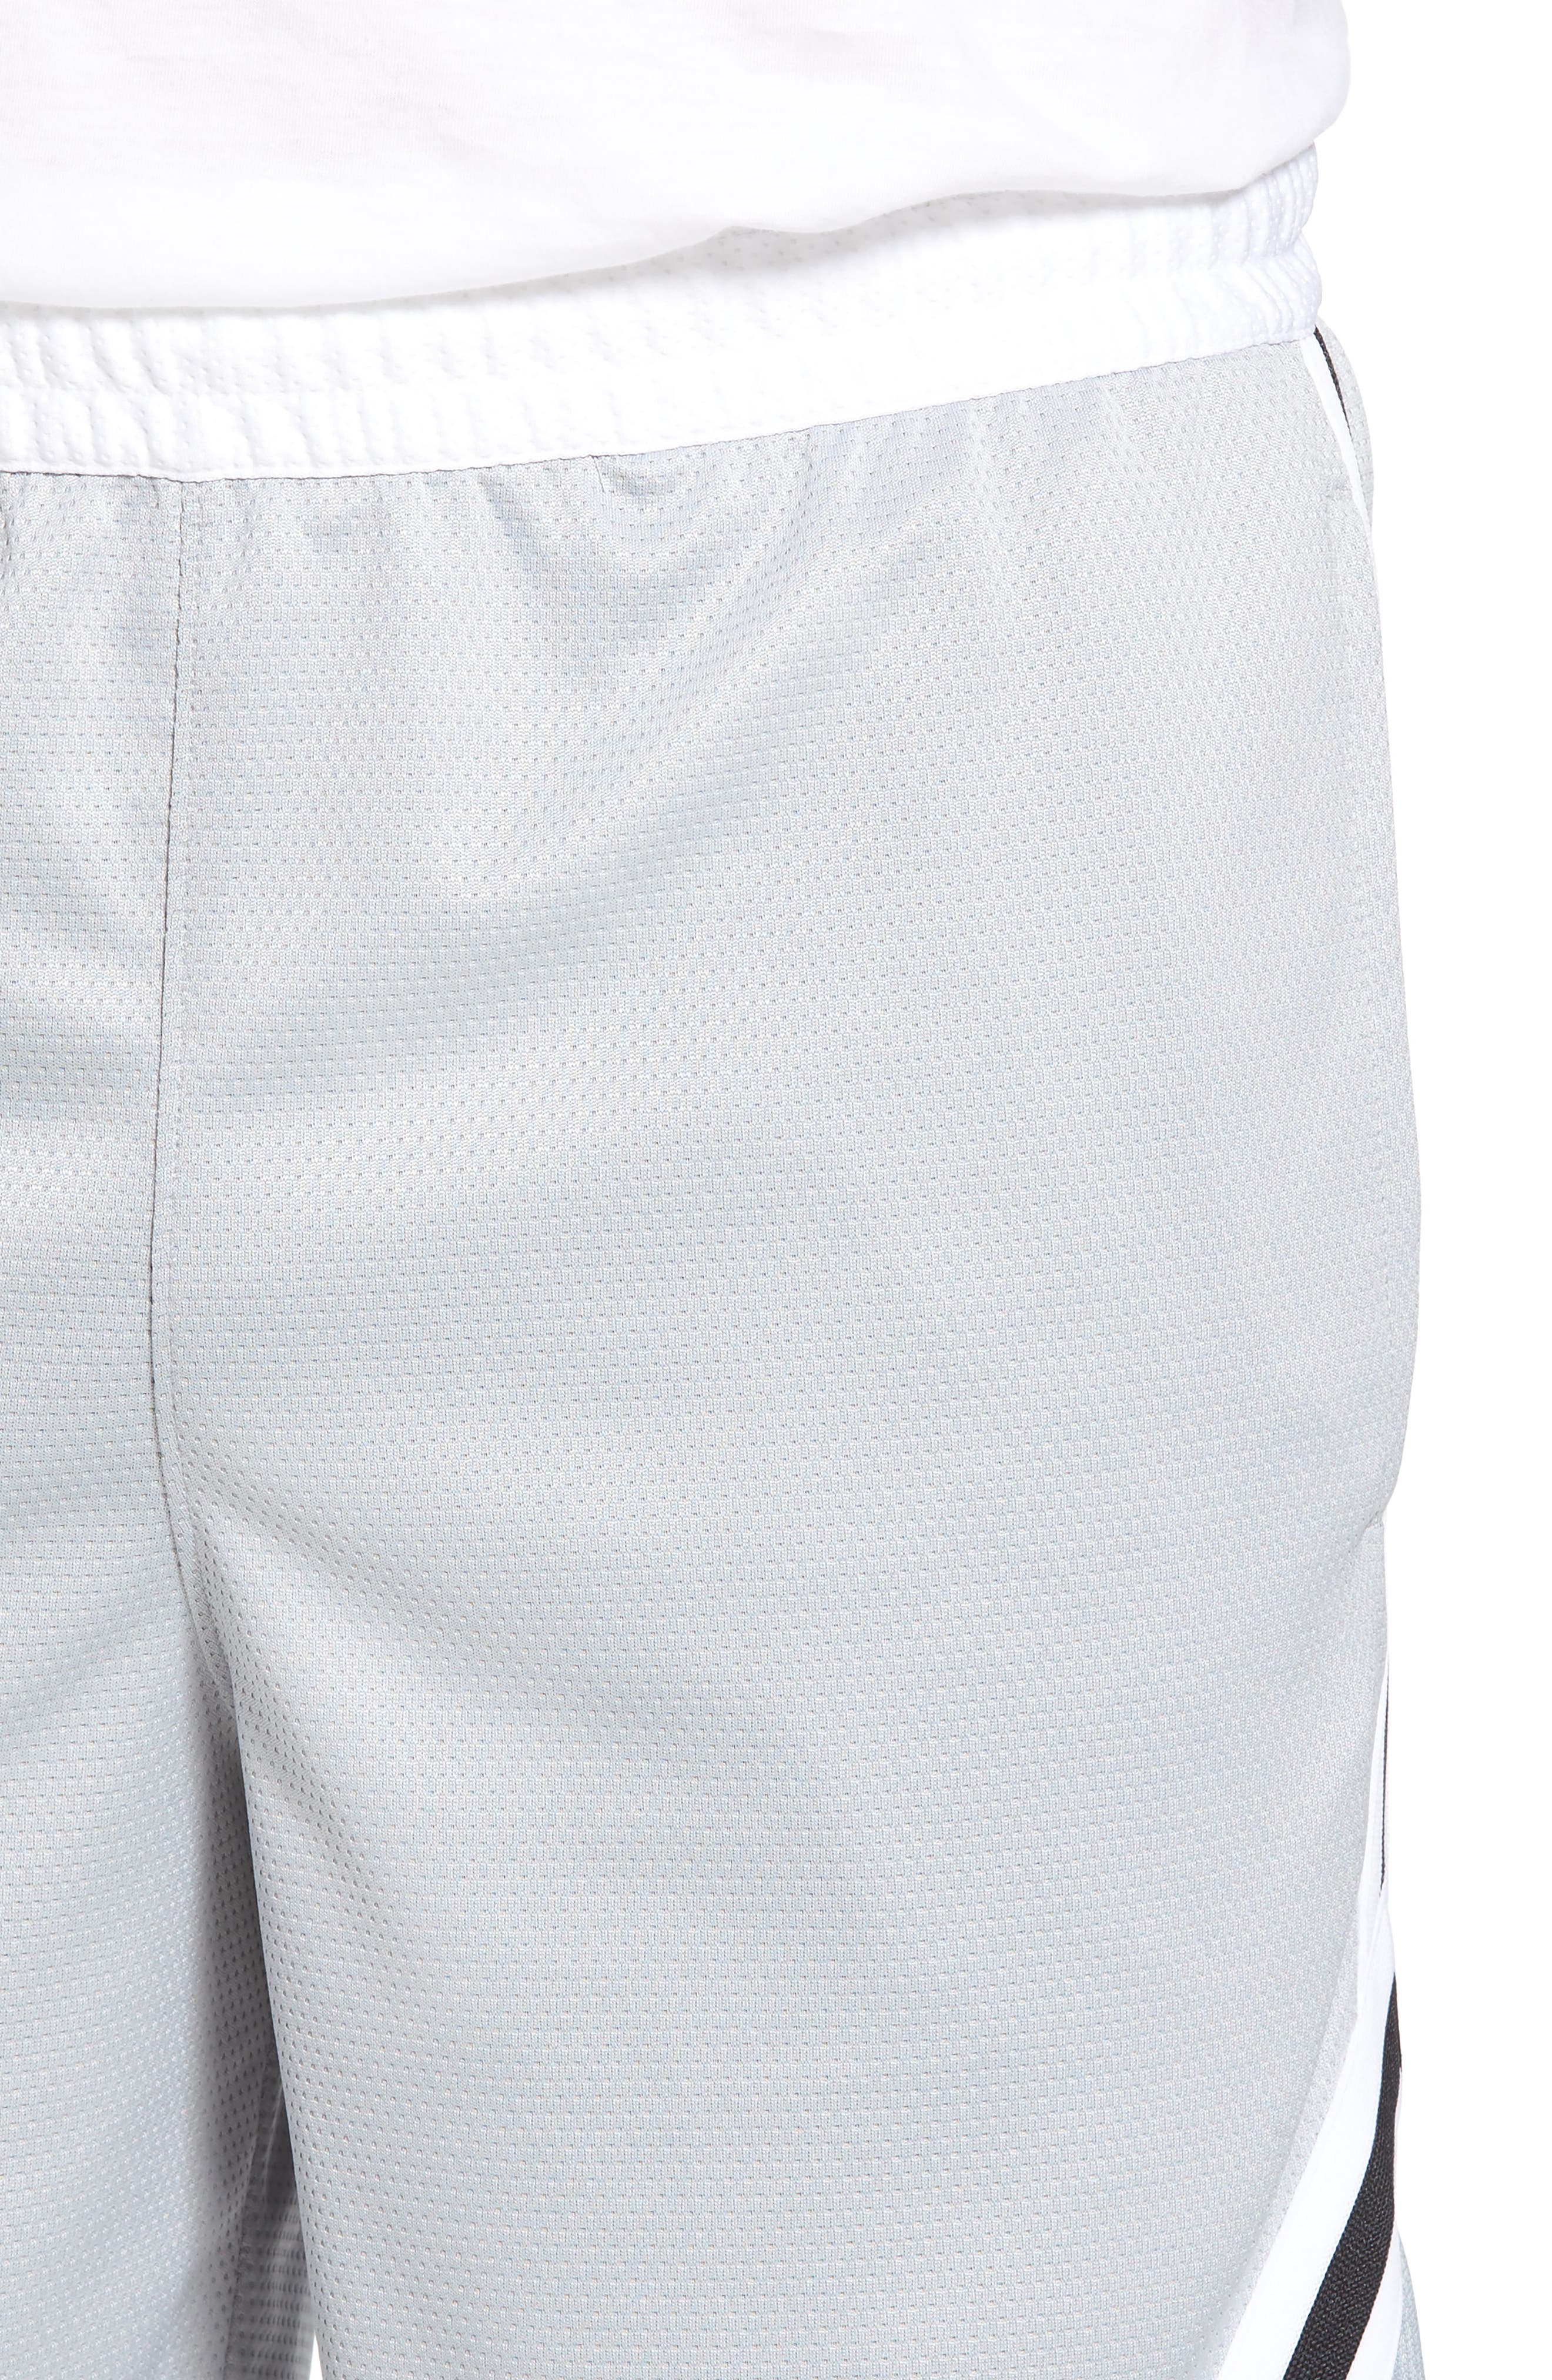 Sportswear Rise Diamond Shorts,                             Alternate thumbnail 21, color,